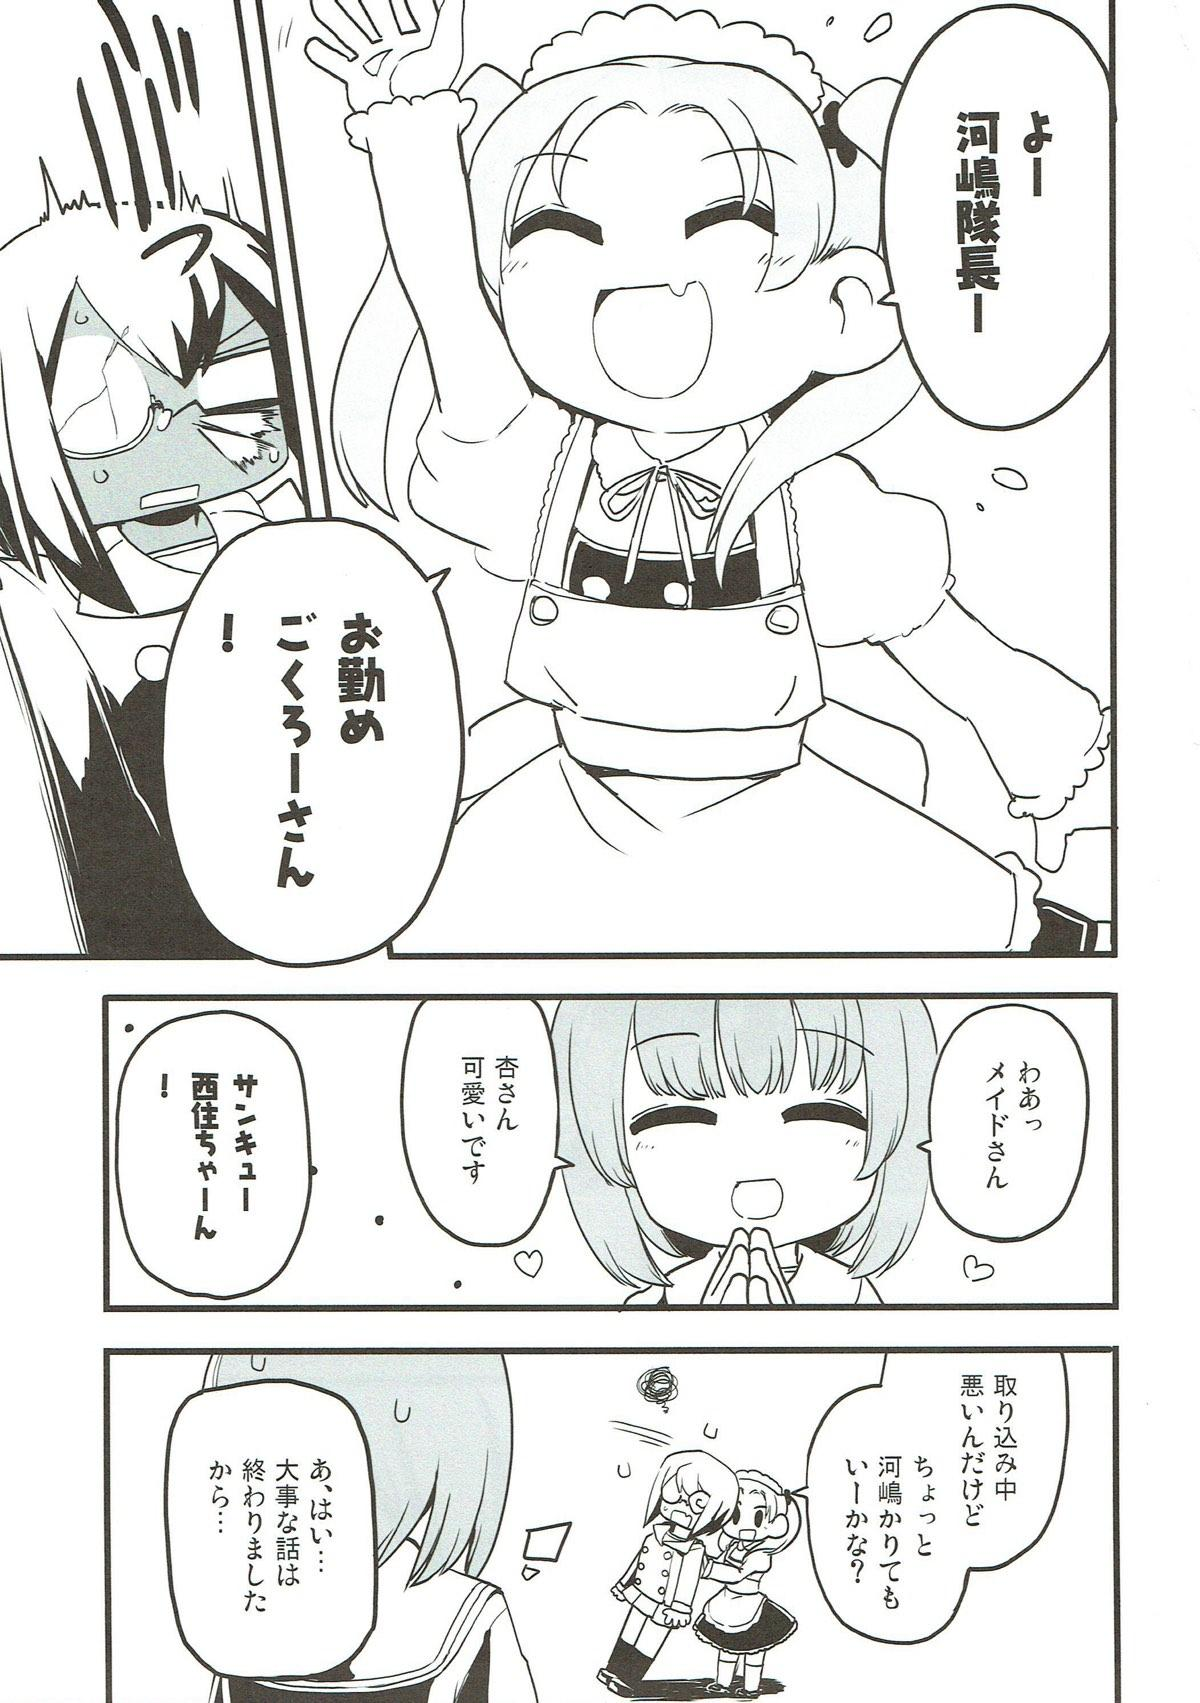 Kyou AnMomo wa Yuri Ecchi o Suru. 3